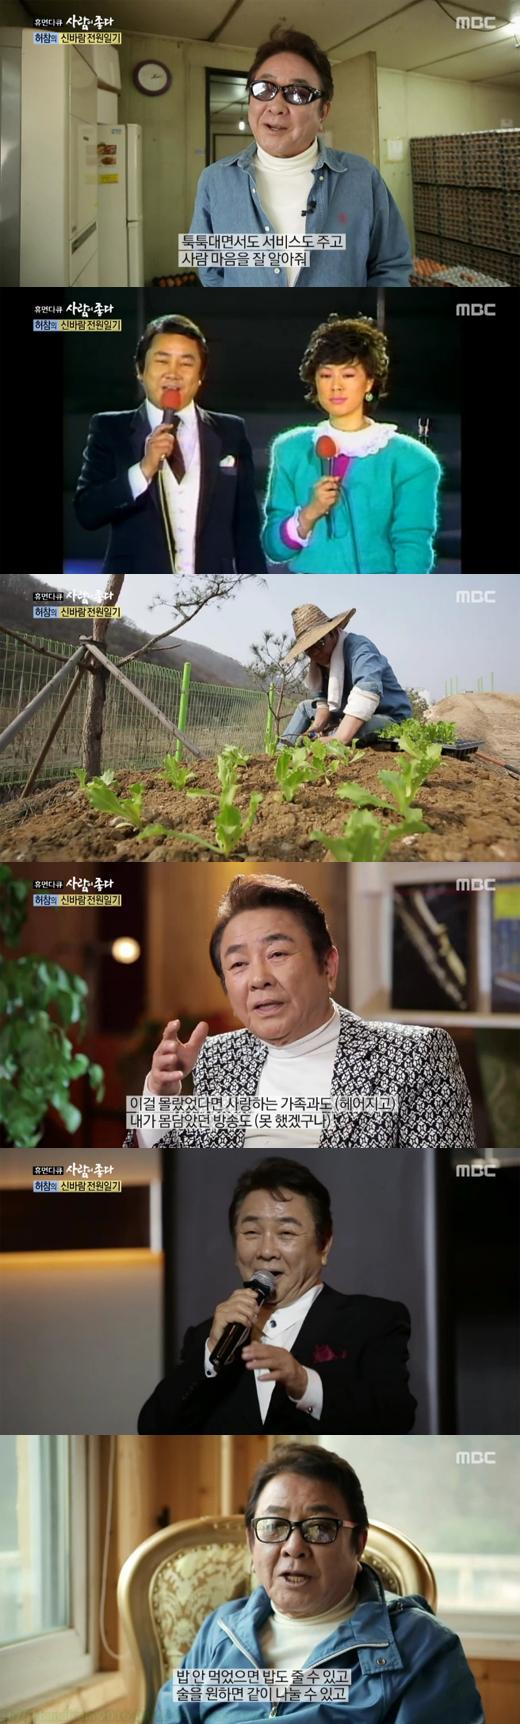 '사람이좋다' 허참, 남양주 농부의 신바람 라이프 [종합]